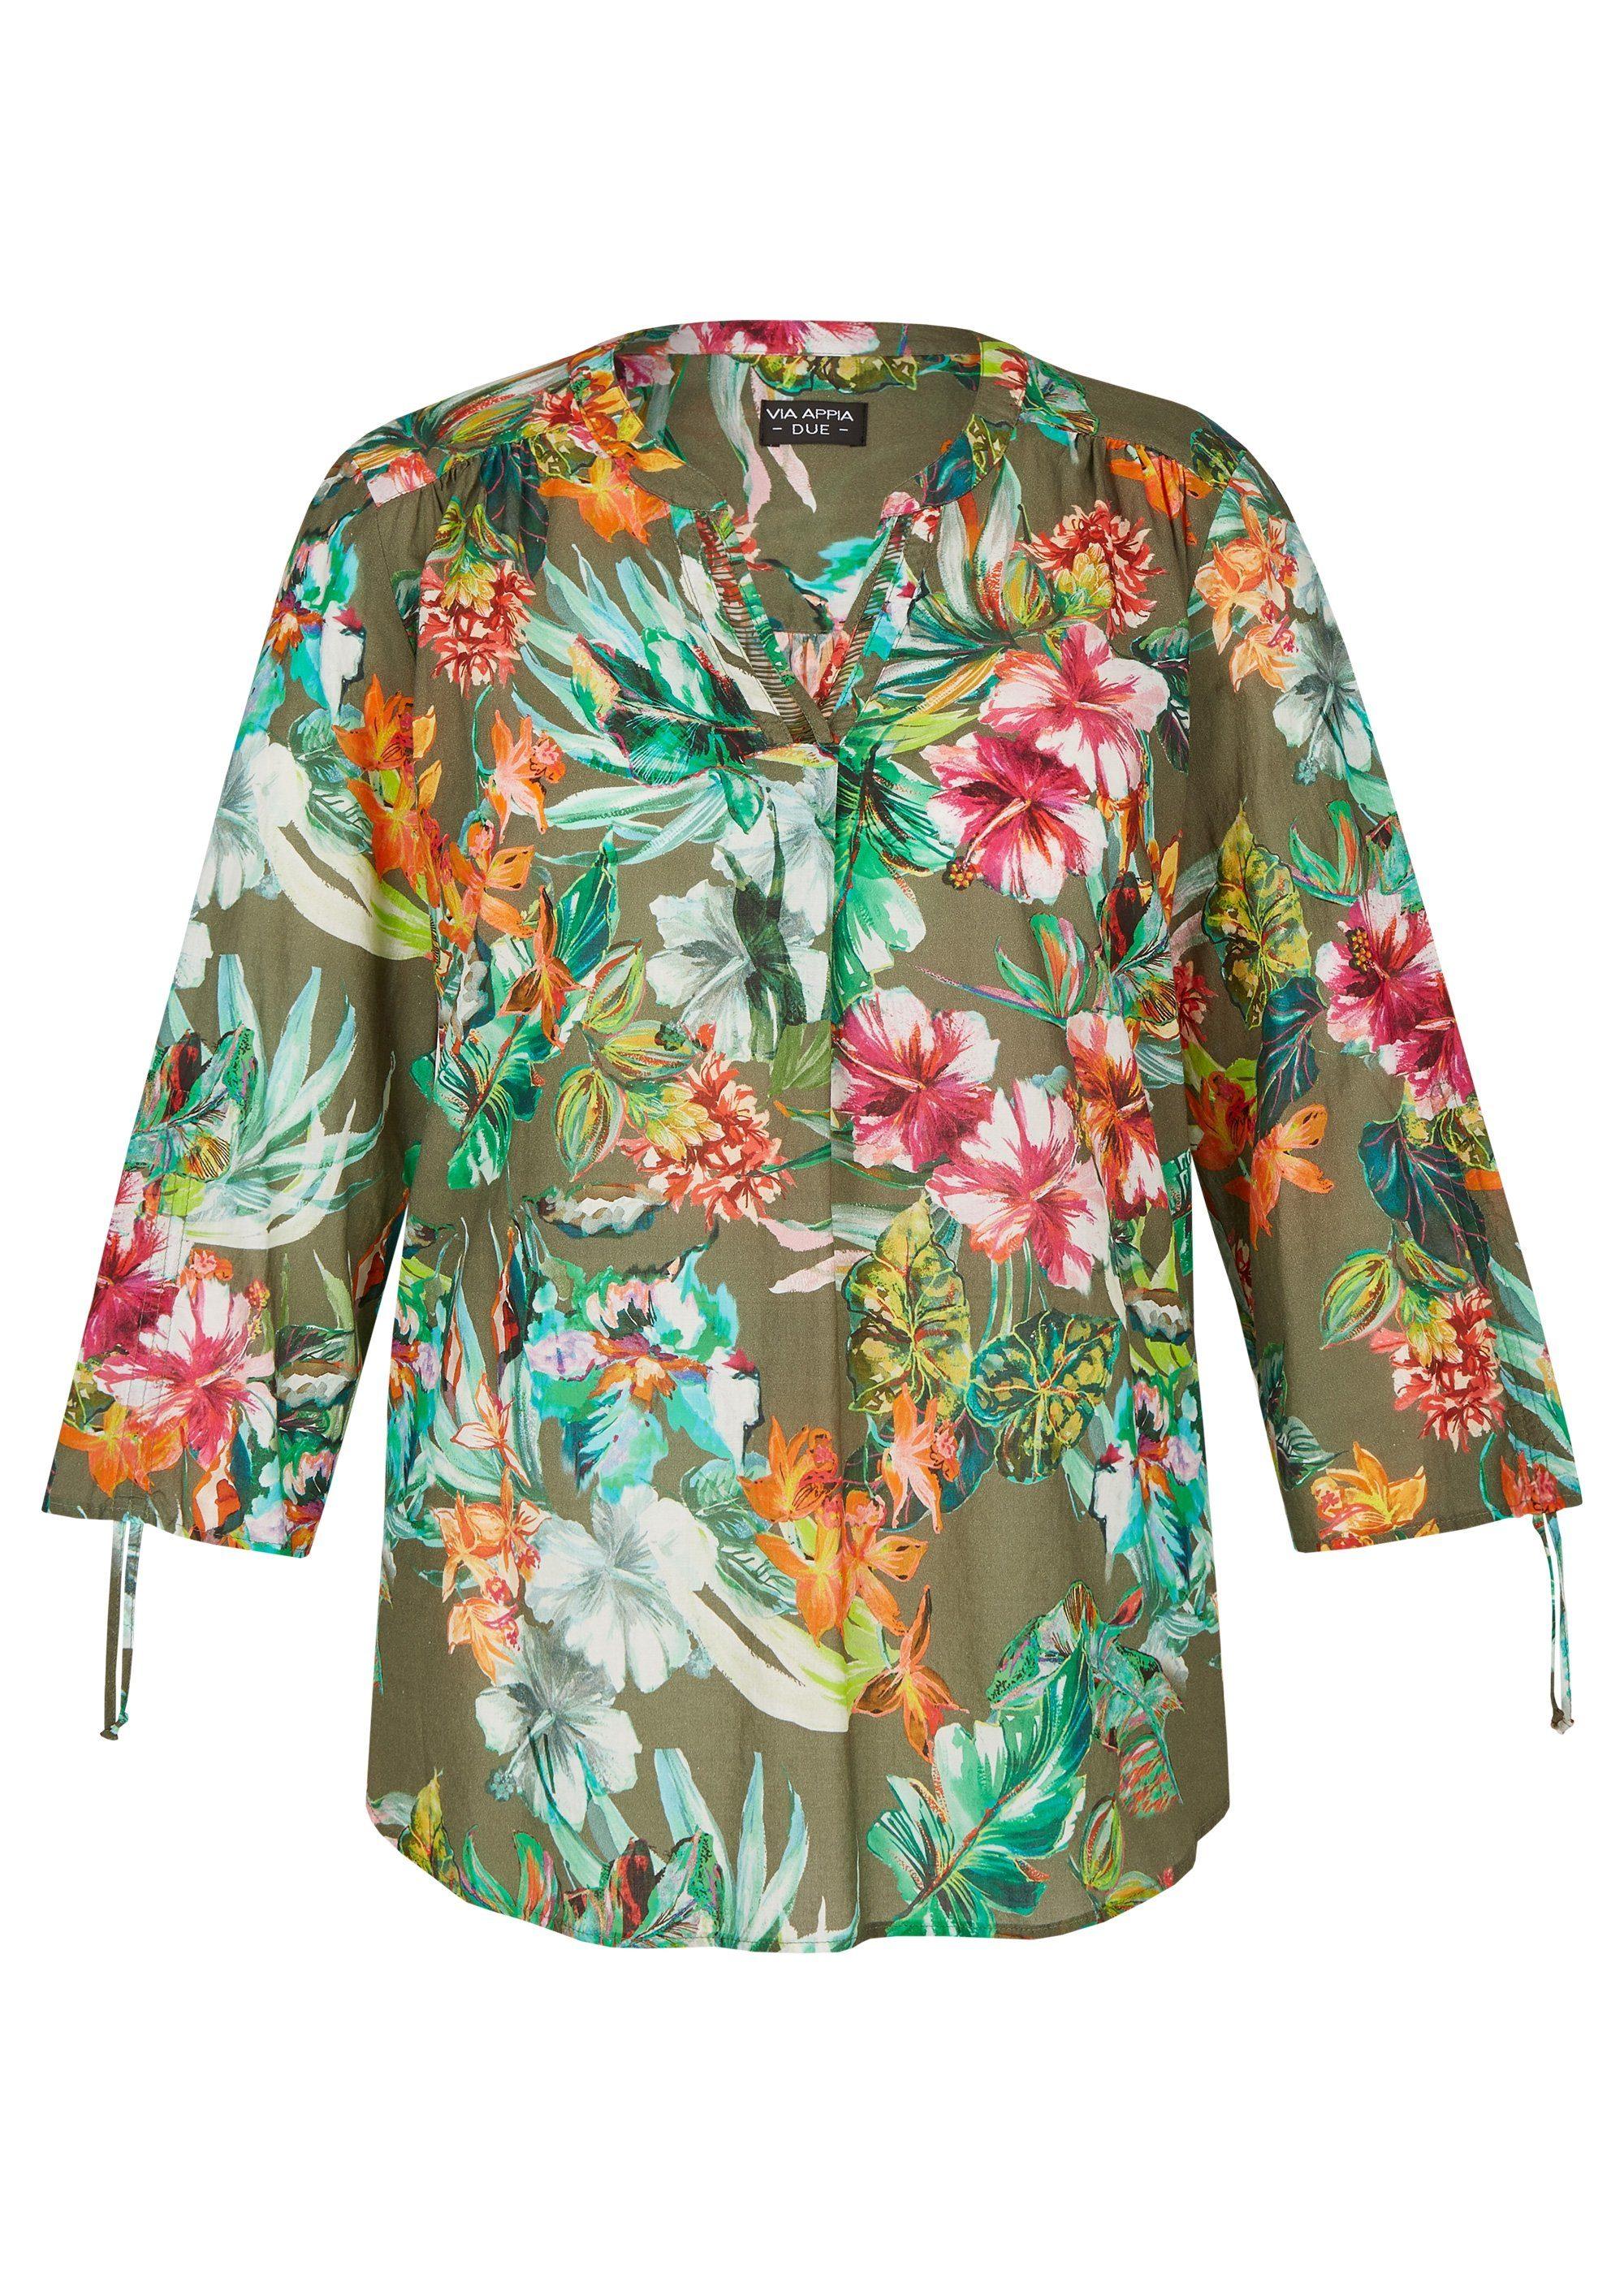 VIA APPIA DUE Luftige Bluse mit exotischem Print